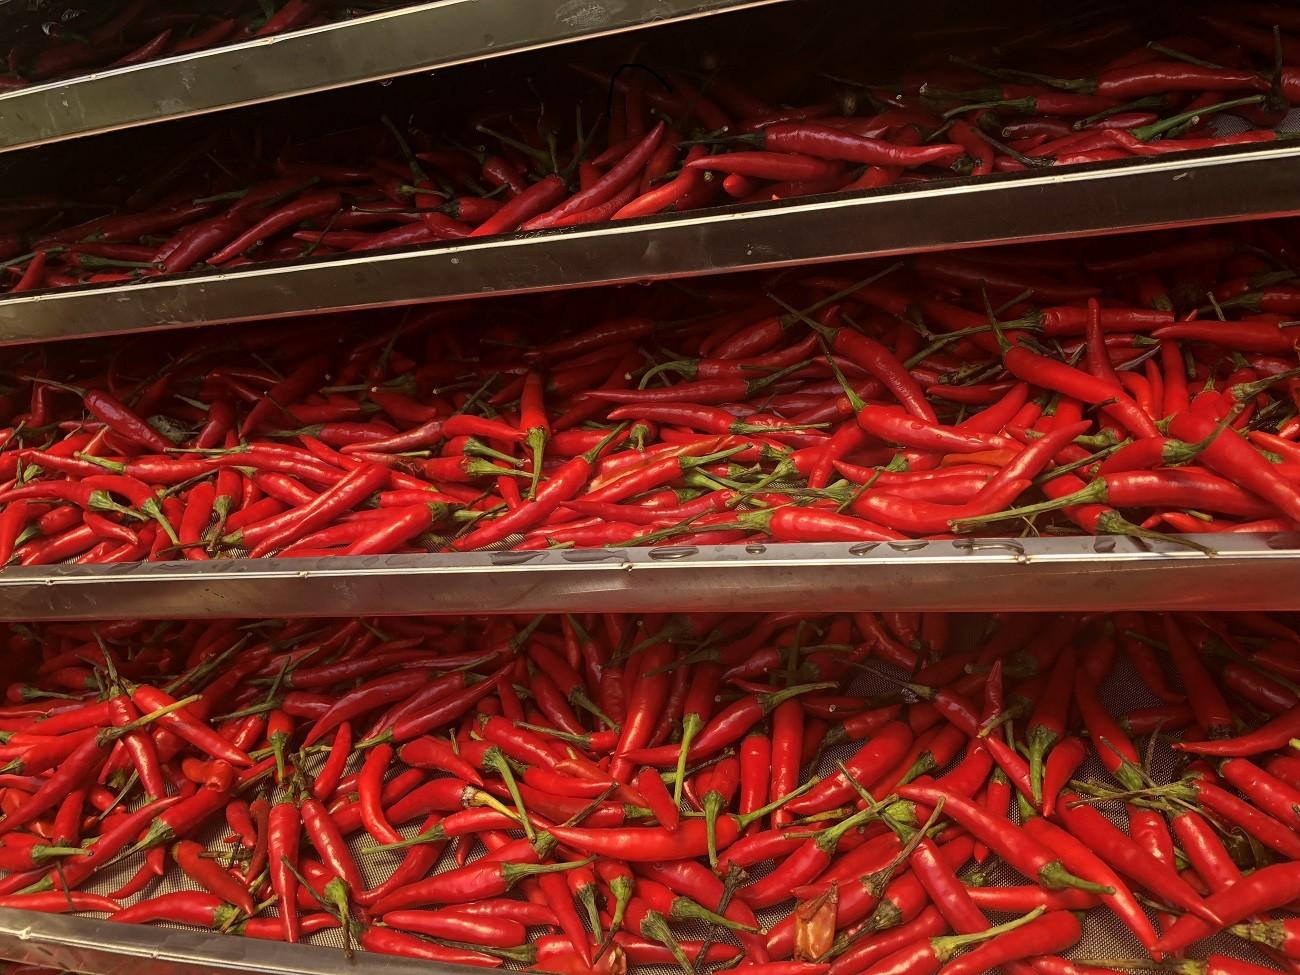 Máy sấy ớt – Quy trình sản xuất ớt sấy khô bằng máy sấy ớt 2020